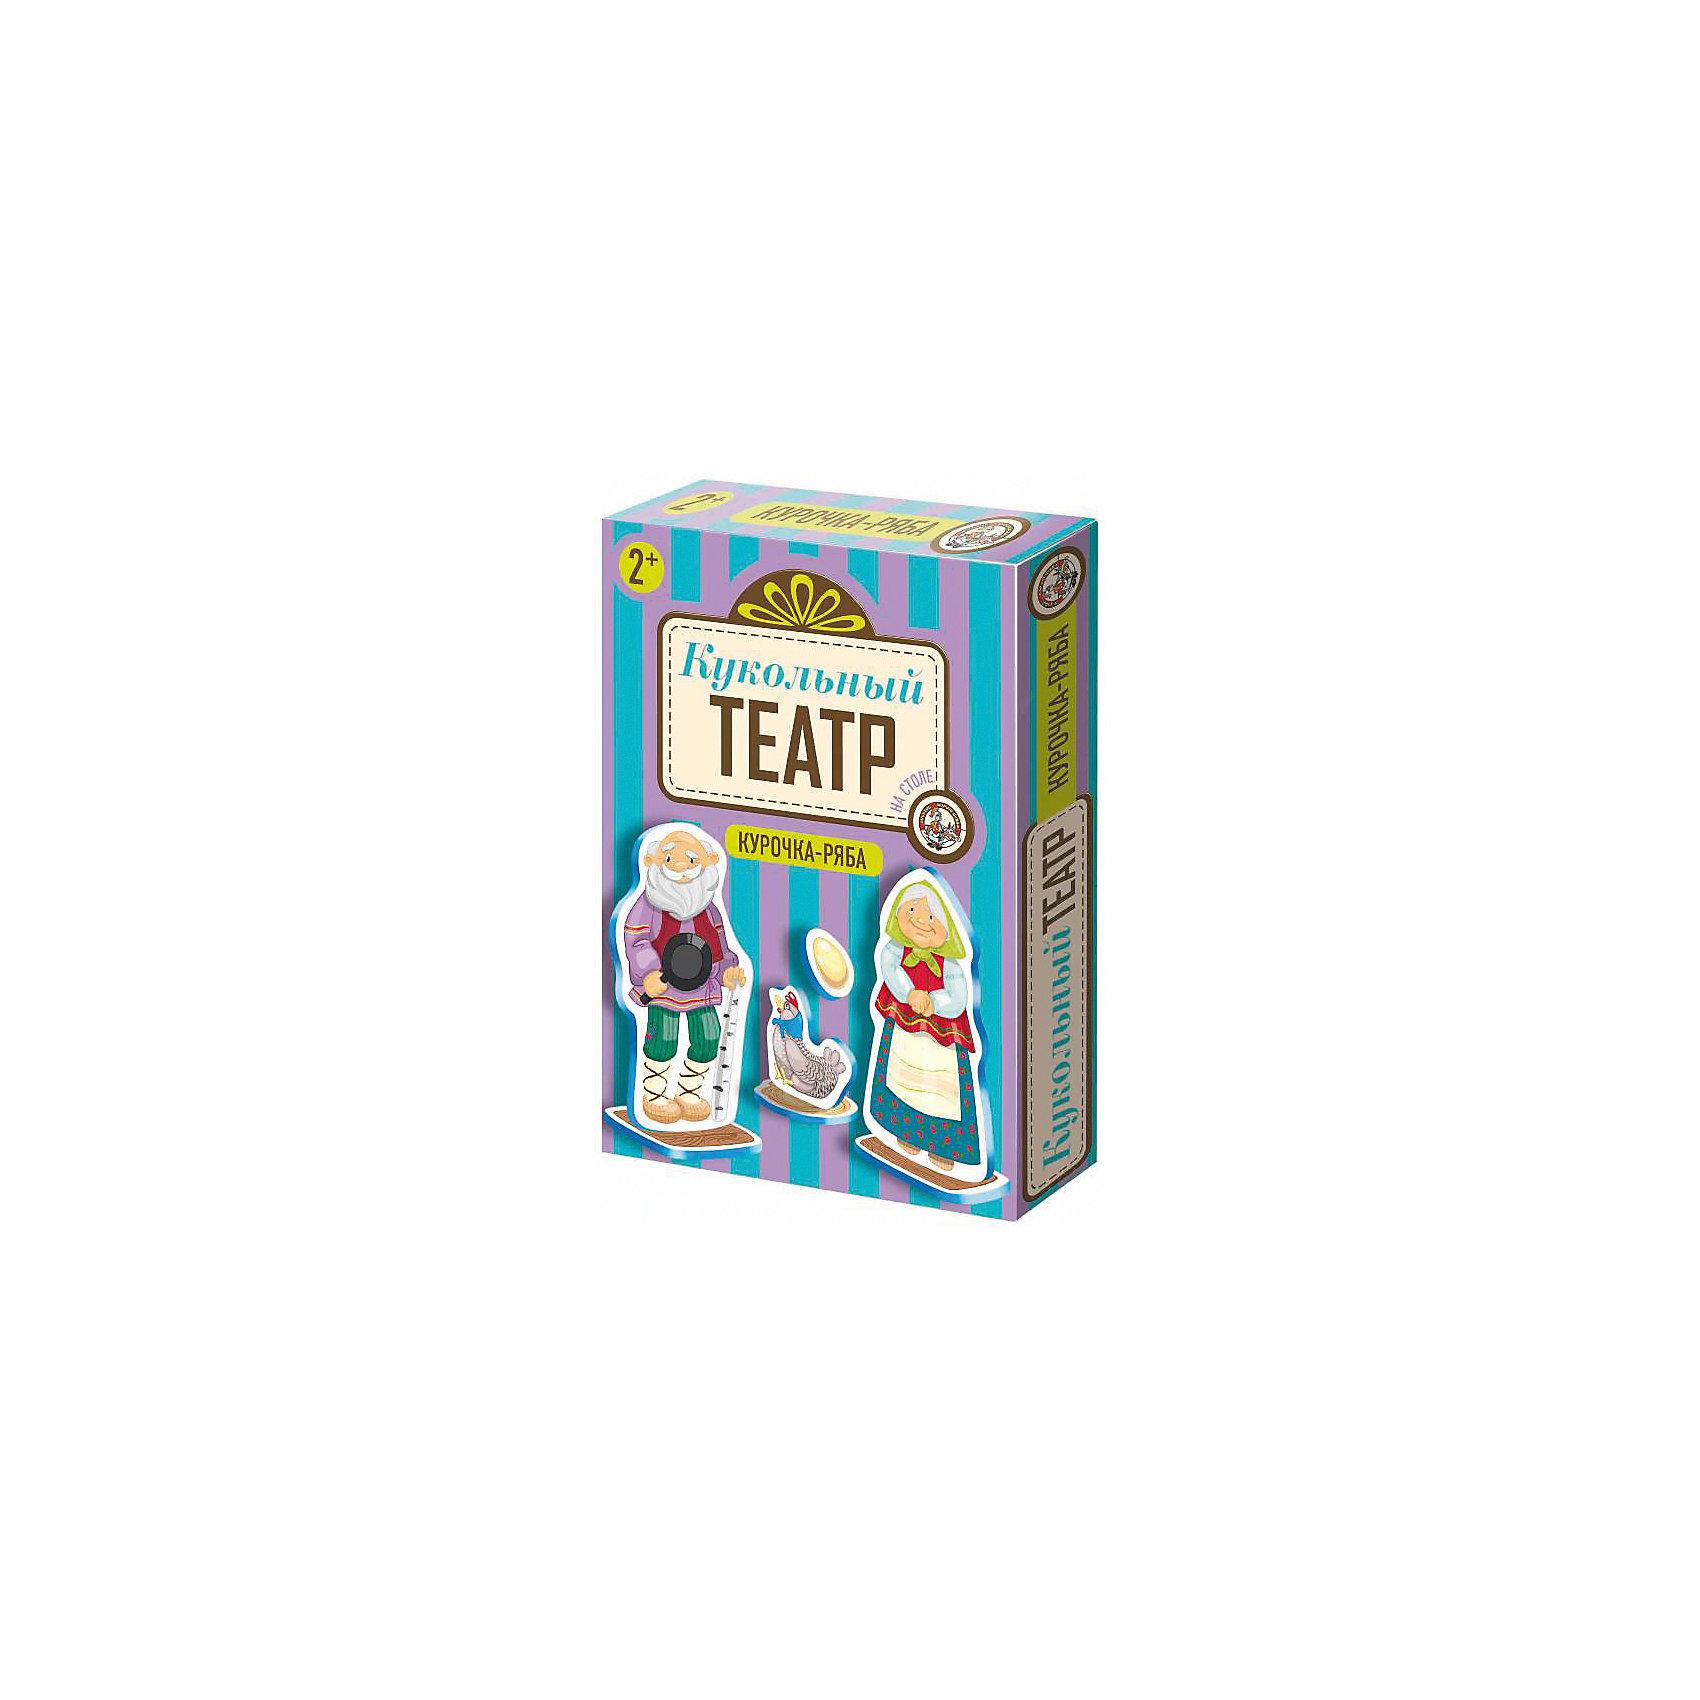 Кукольный театр на столе Курочка-Ряба, Десятое королевствоНастольные игры для всей семьи<br>Кукольный театр на столе Курочка-Ряба, Десятое королевство<br><br>Характеристики: <br><br>• Возраст: от 3 лет<br>• Материал: картон, бумага<br>• В комплекте: двусторонние фигурки, подставки, правила<br><br>Этот набор создан на основе знаменитой сказки и содержит в комплекте все необходимое, для разыгрывания мини-представления на эту тему. Играя с этим набором, ребенок будет учиться произносить длинные фразы, натренирует память и сможет избавиться от стеснительности и зажатости. Каждый элемент набора создан с применением качественных и безвредных для ребенка материалов.<br><br>Кукольный театр на столе Курочка-Ряба, Десятое королевство можно купить в нашем интернет-магазине.<br><br>Ширина мм: 275<br>Глубина мм: 200<br>Высота мм: 40<br>Вес г: 181<br>Возраст от месяцев: 60<br>Возраст до месяцев: 84<br>Пол: Унисекс<br>Возраст: Детский<br>SKU: 5473771